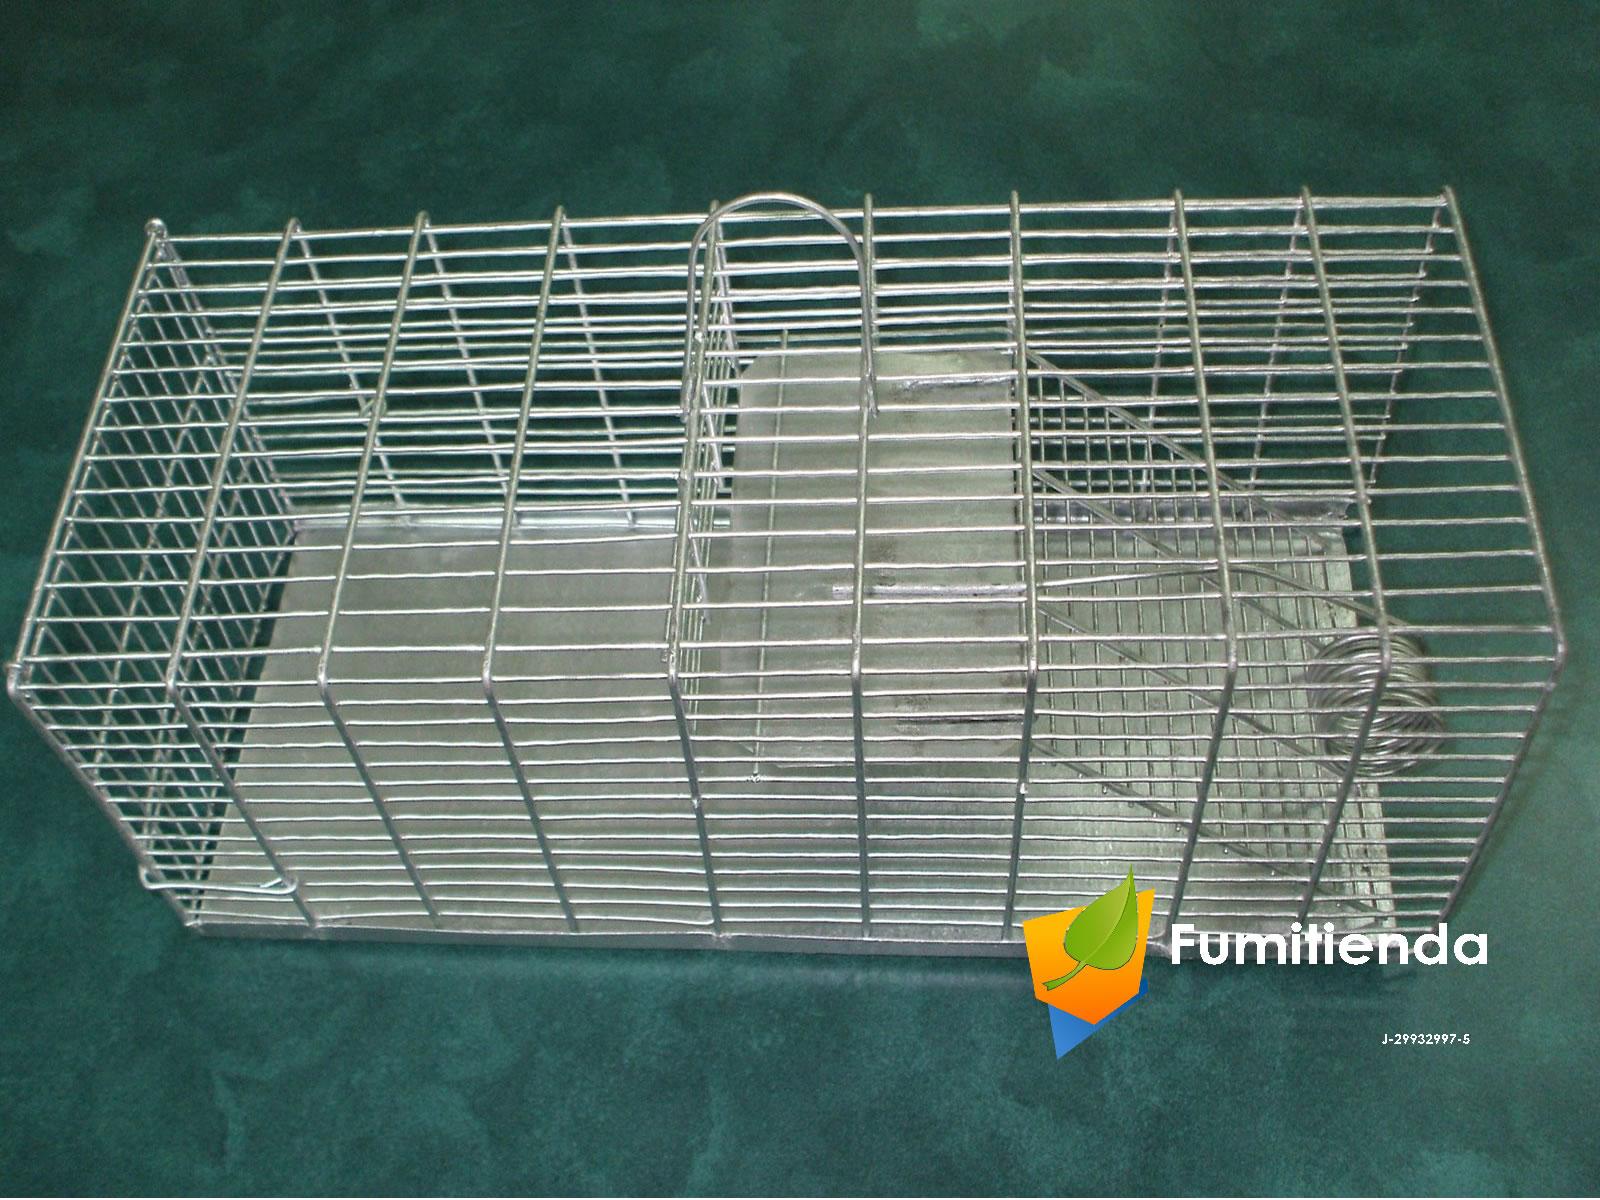 Limpieza y fumigaci n trampa jaulas para ratas de captura - Trampas para ratones y ratas ...